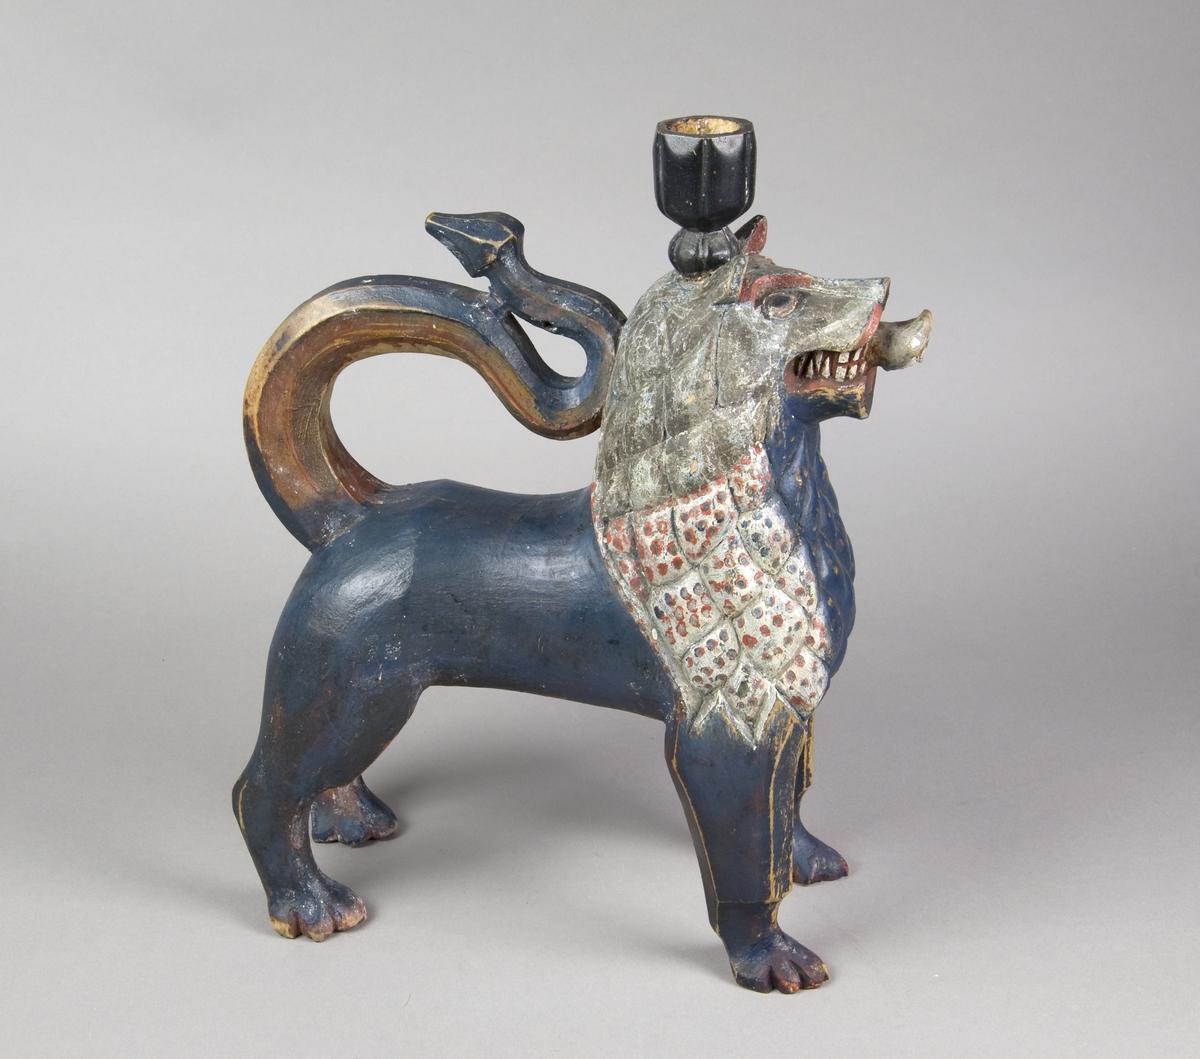 En stående løve med høyreist hode, hvorpå er plassert en lyspipe. Hale i S-formet bue mot løvens nakke.